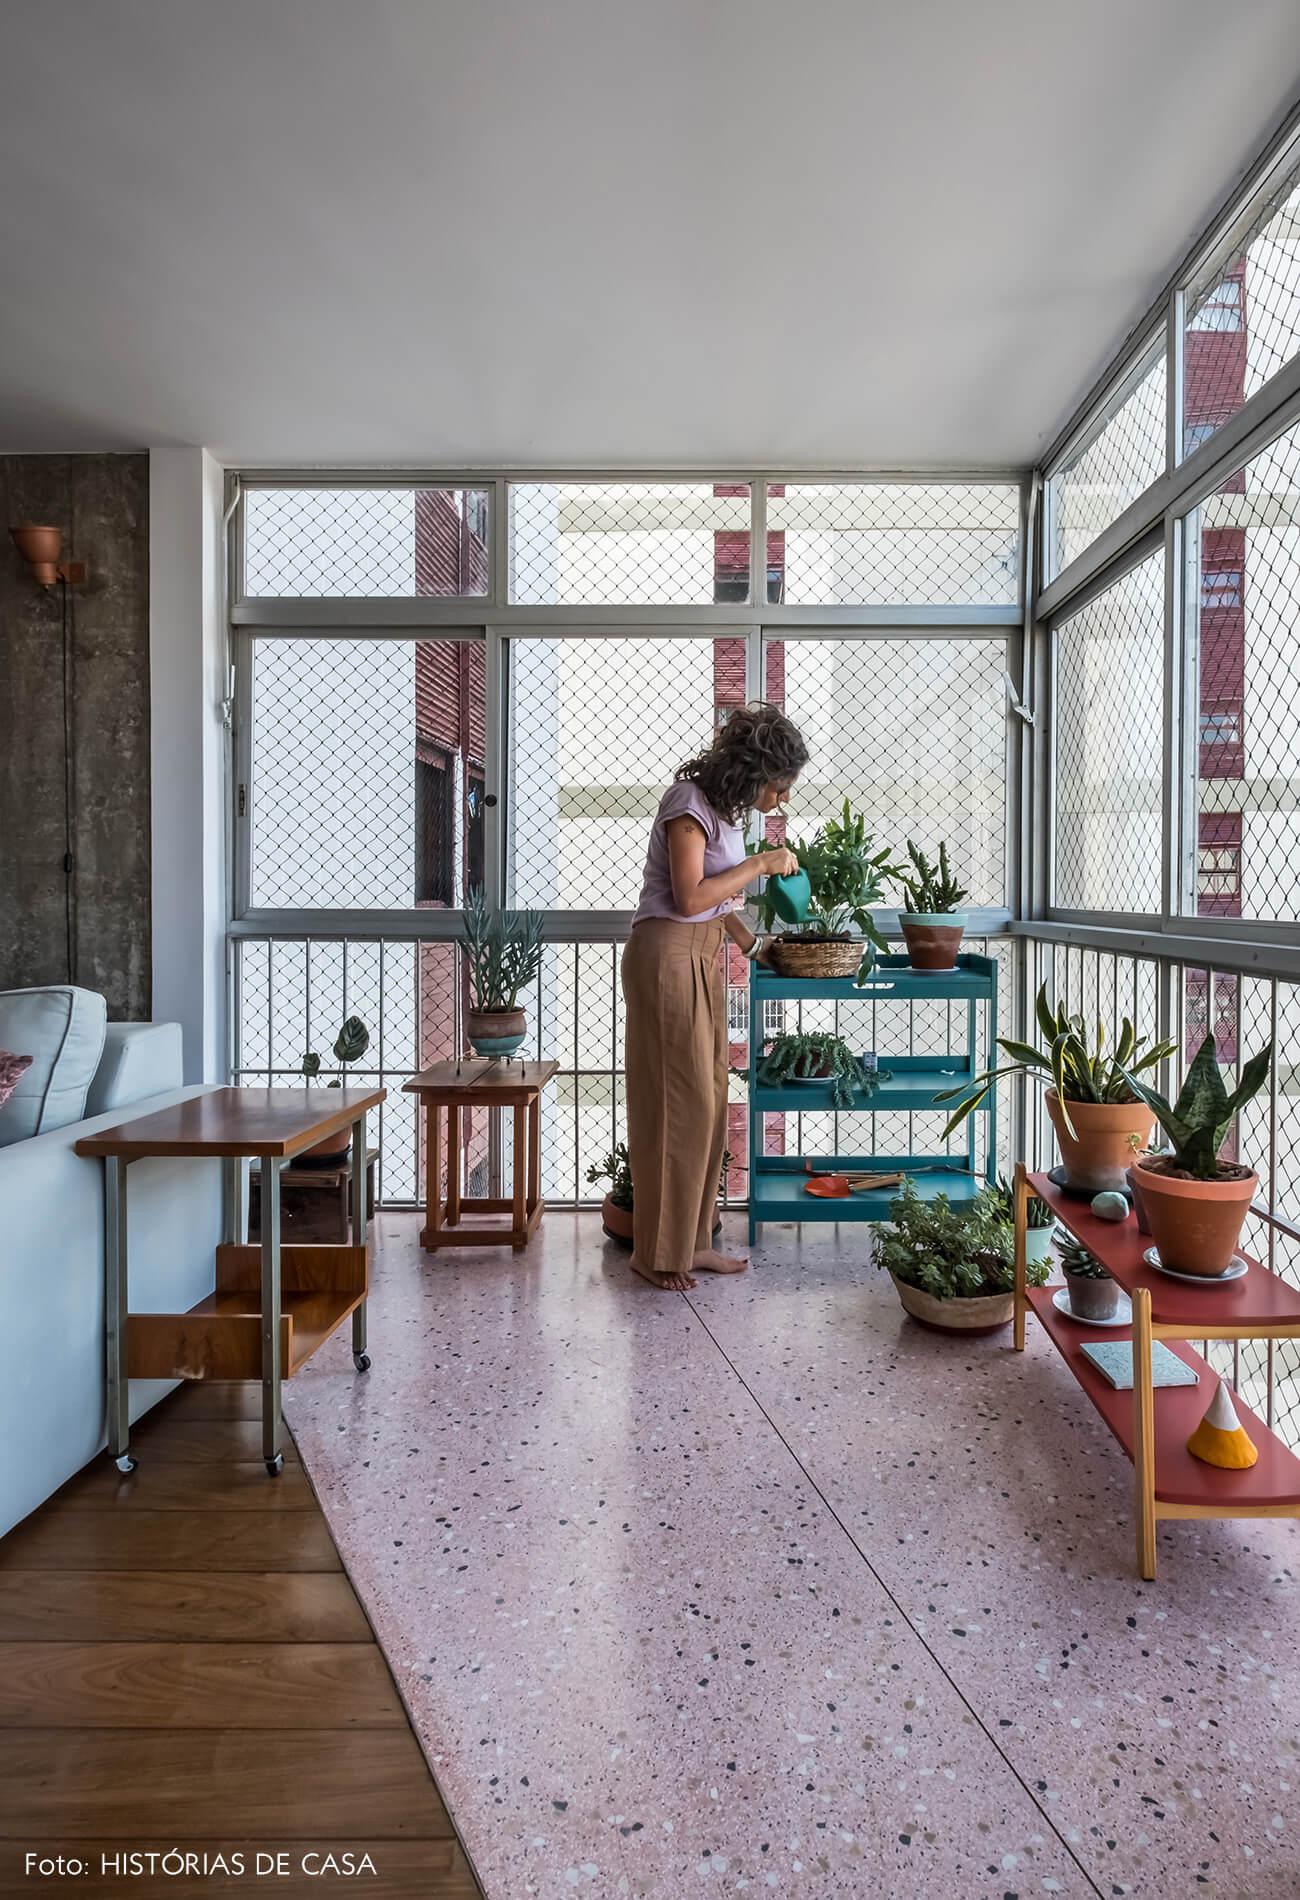 Apartamento com varanda interna e piso de granilite rosa